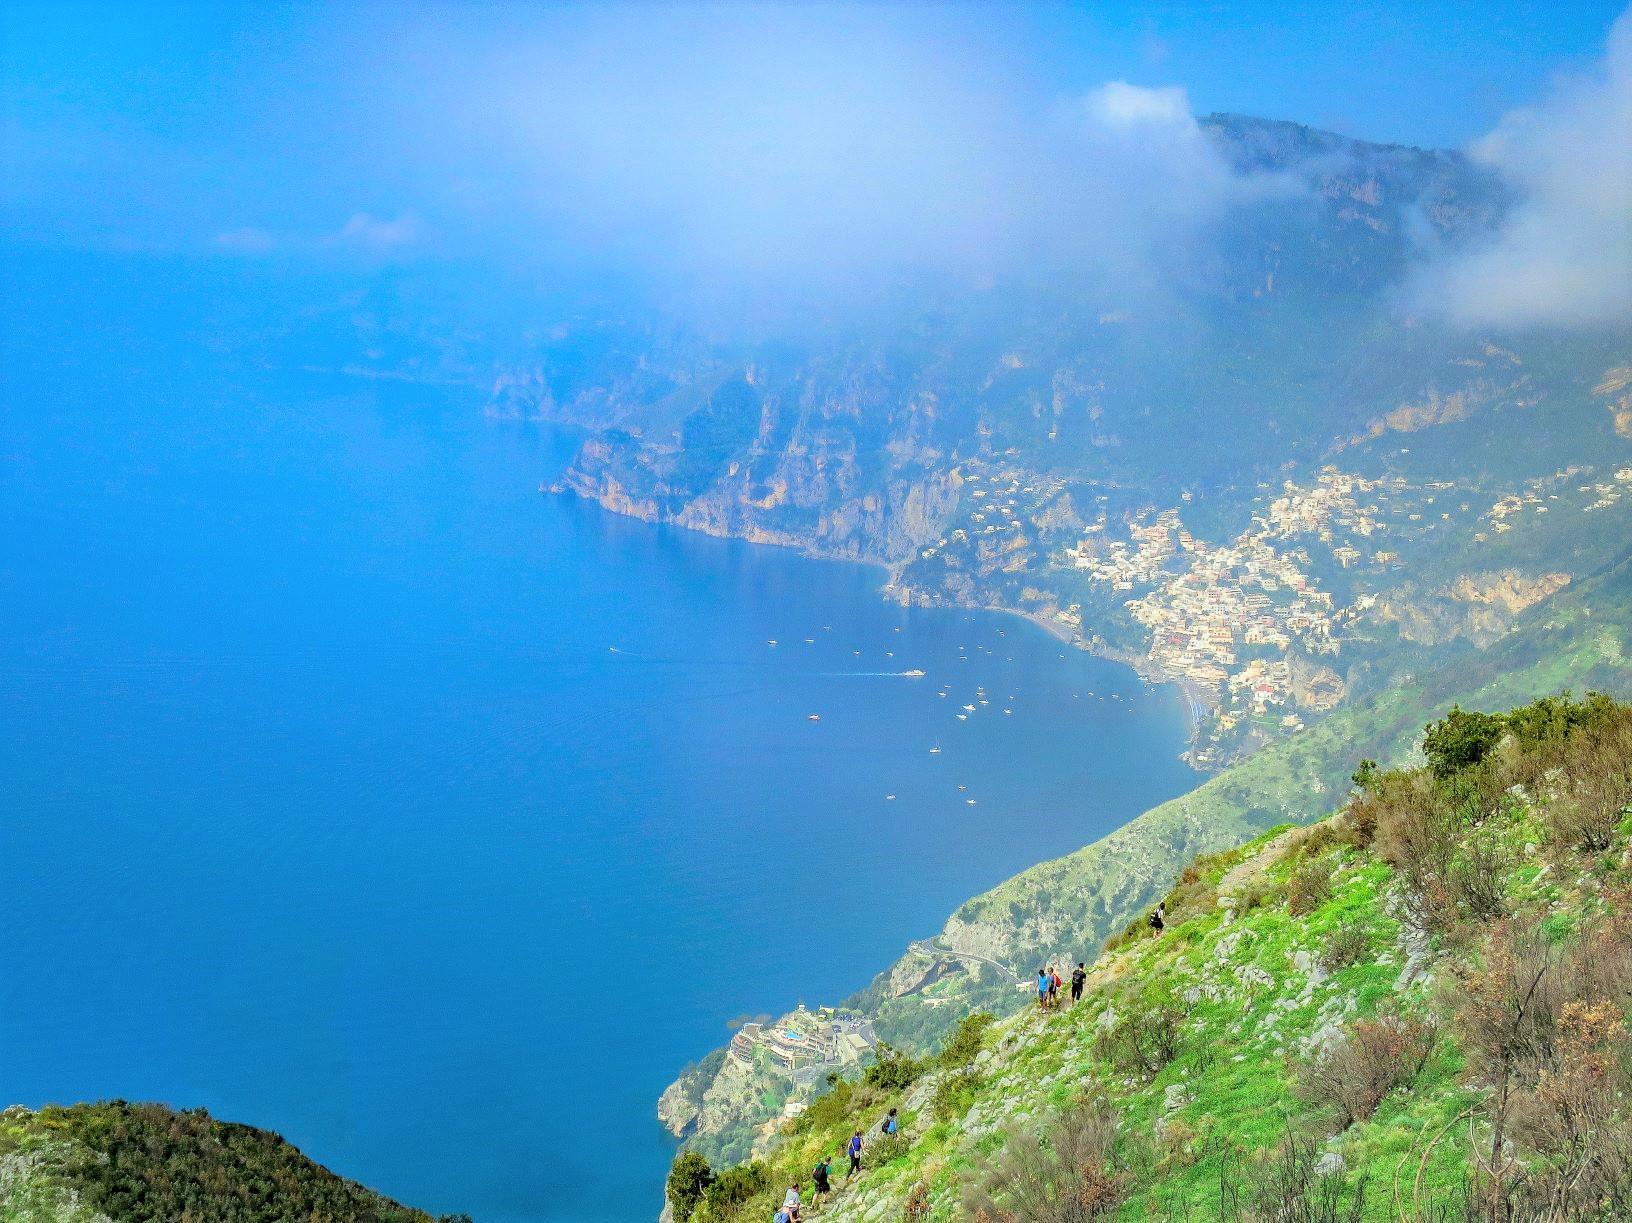 アマルフィ海岸の「神々の道」をハイキング、ポジターノの街(右上)を遠くに望む(3日目)